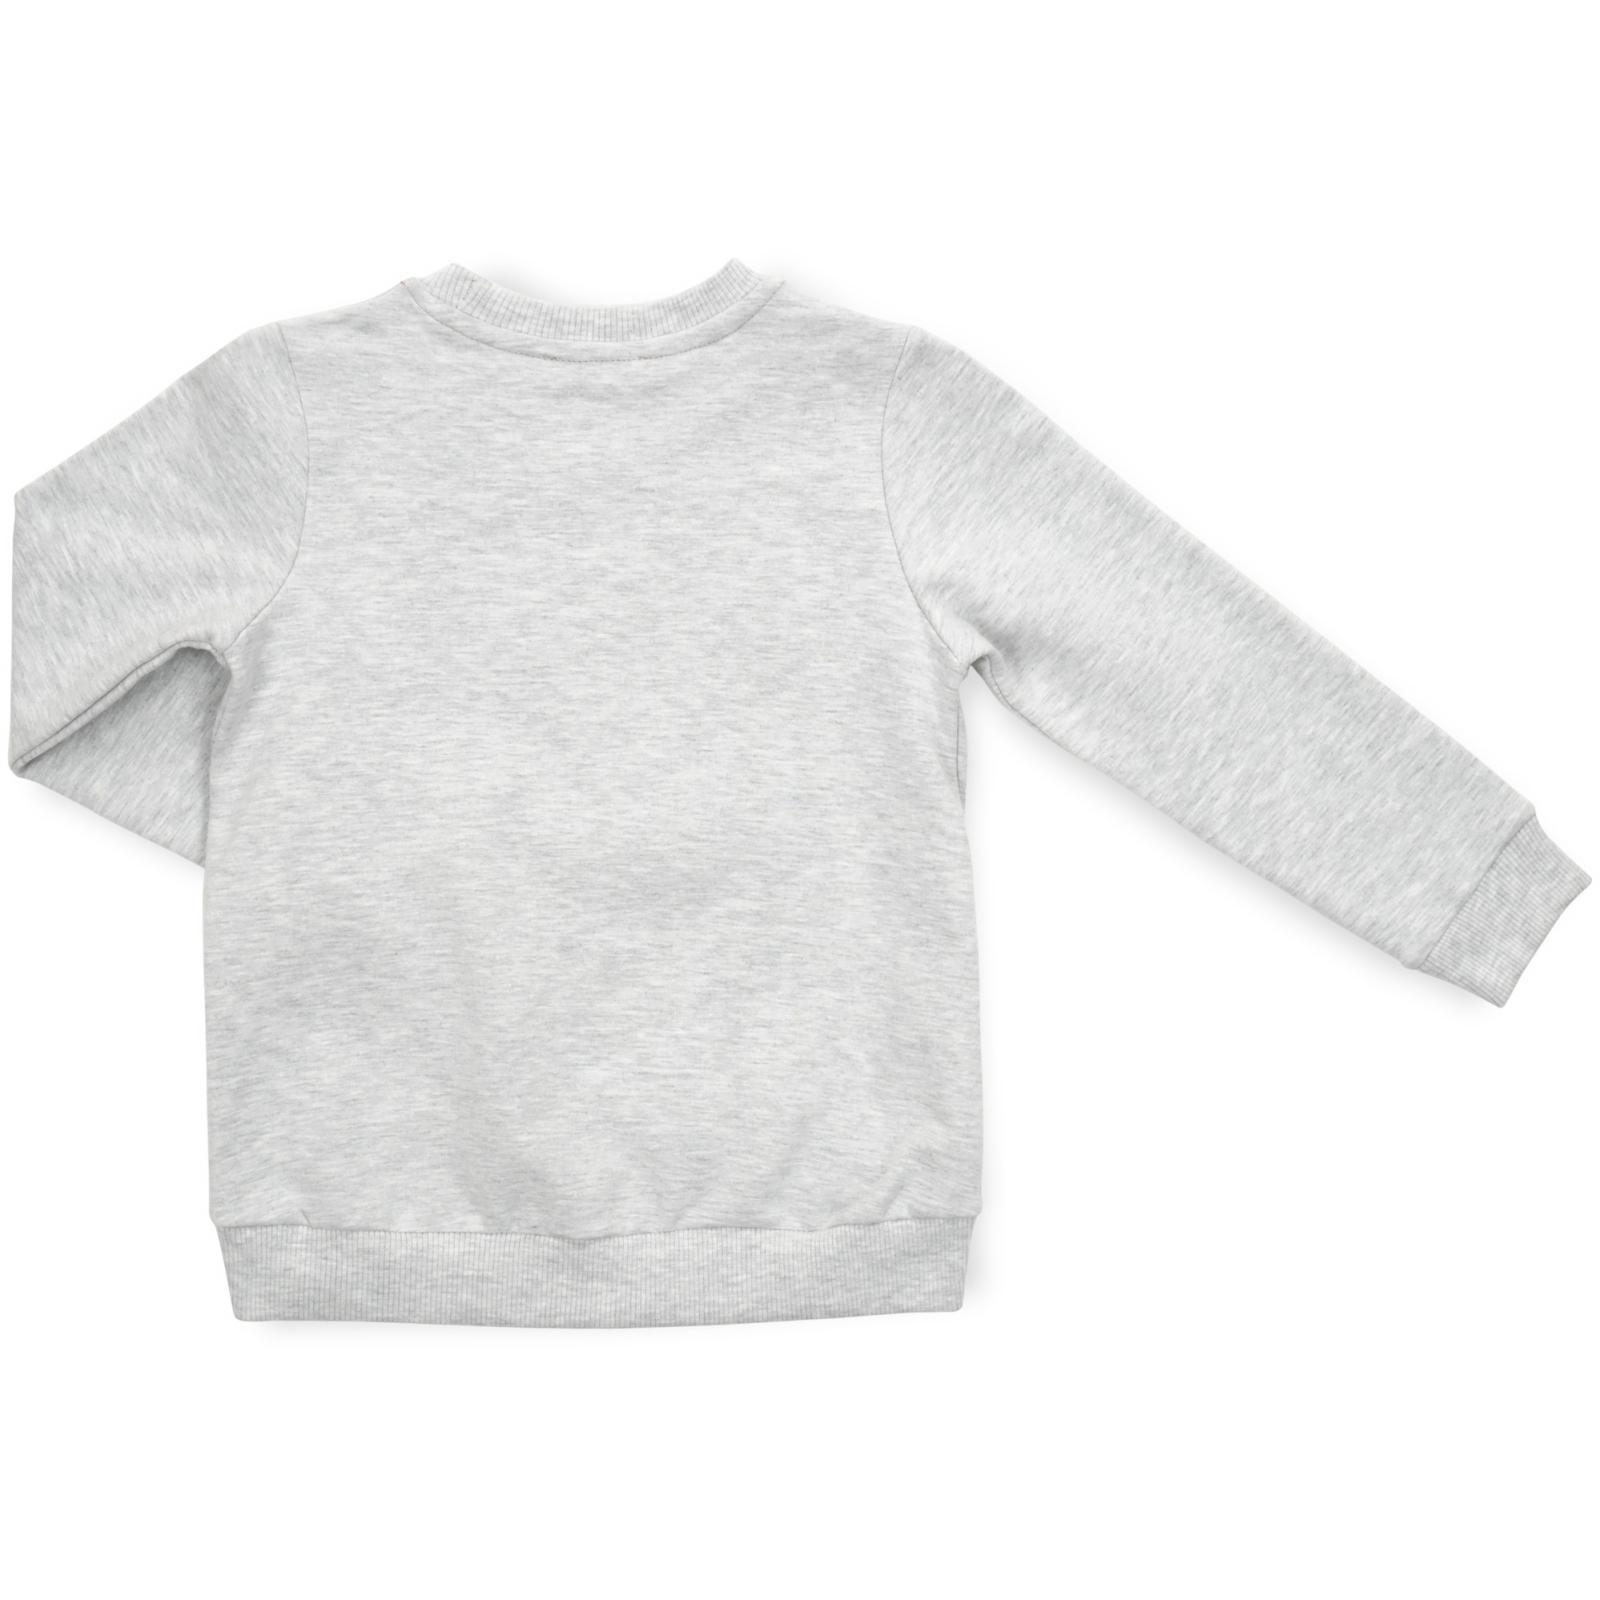 Кофта Breeze с сердечками (13240-110G-gray) изображение 2